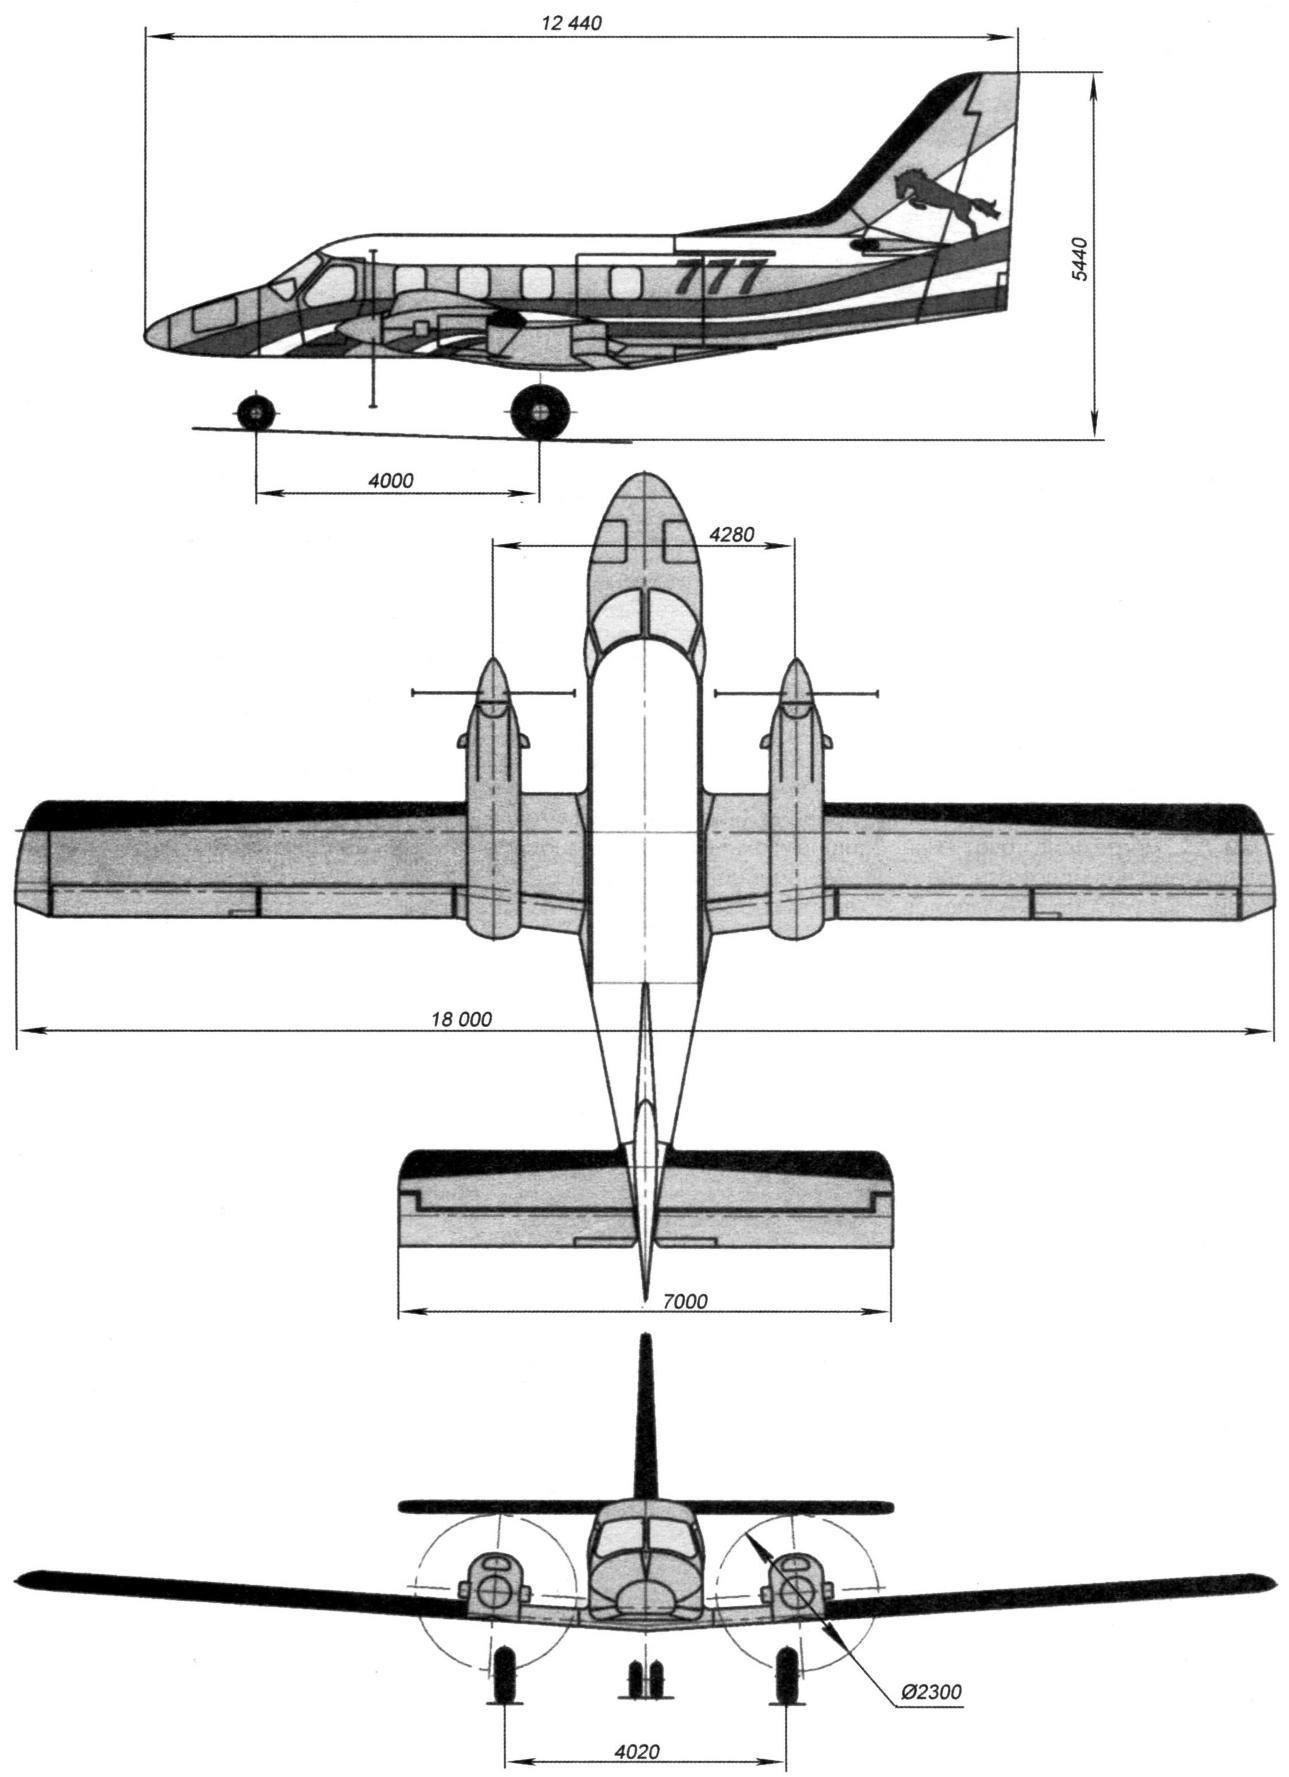 Самолёт «Рысачок»: общий вид и габаритные размеры